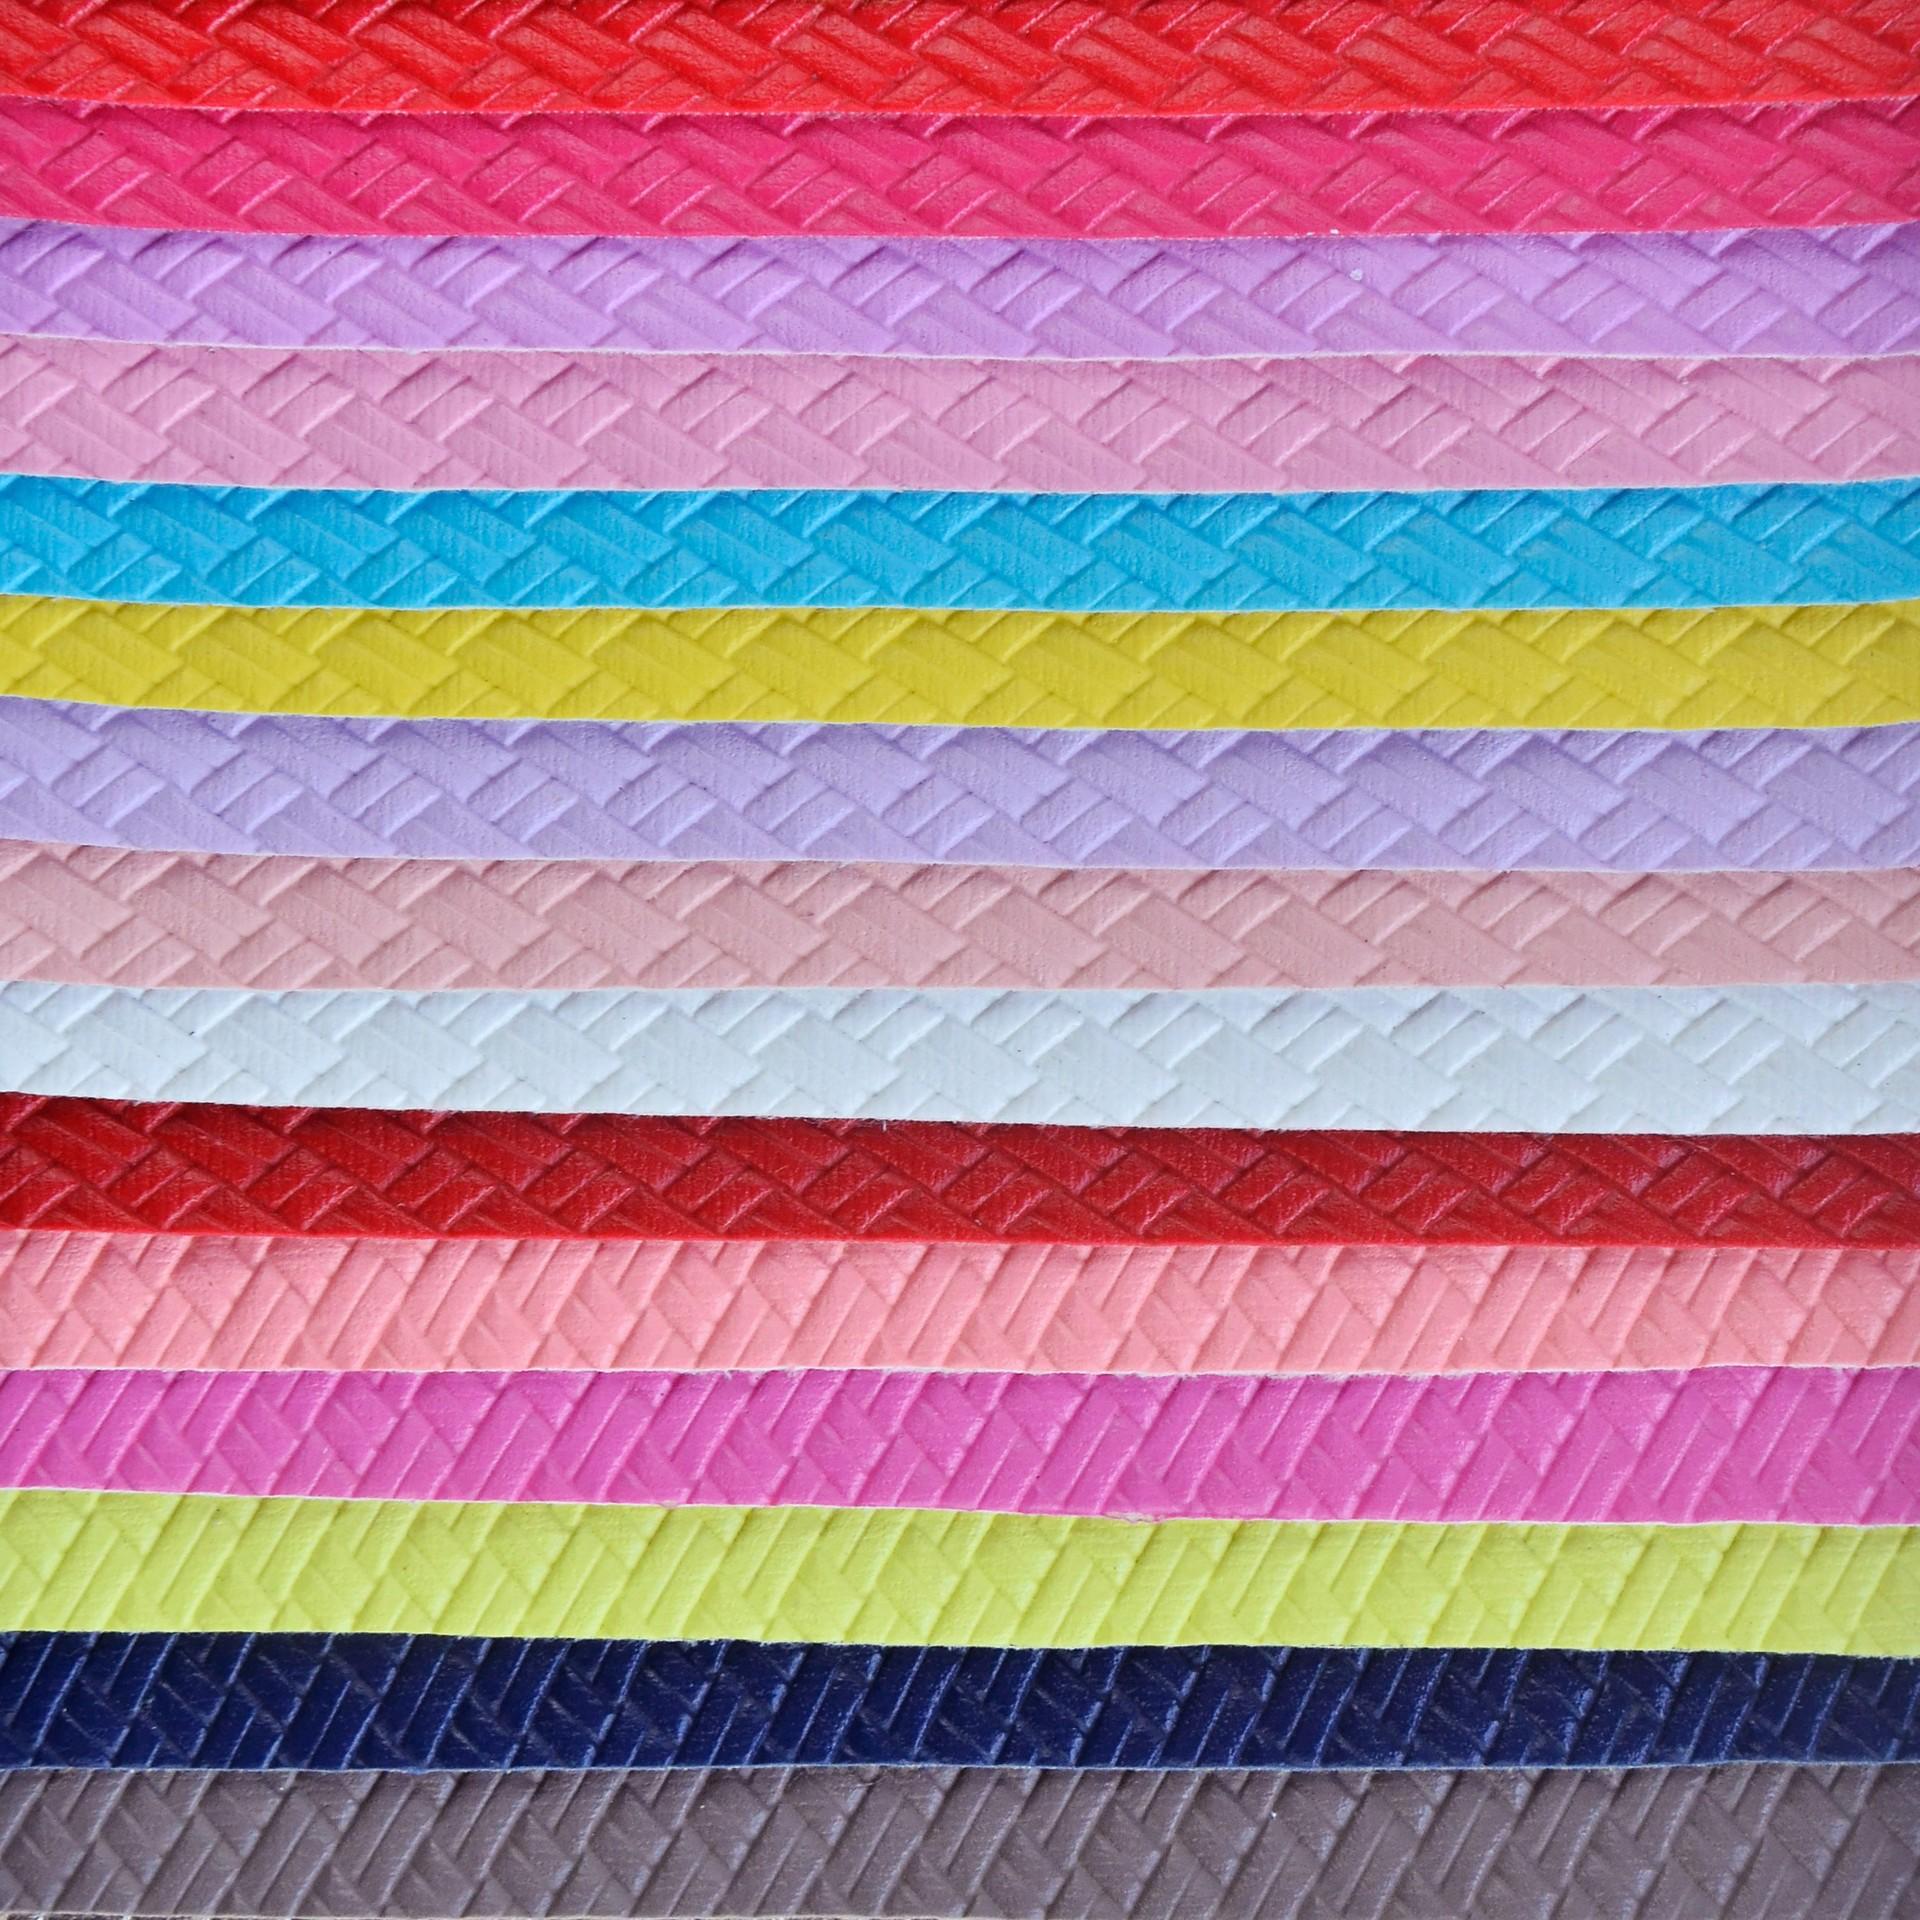 DINGMAO Simili tổng hợp Da Đinh Đao PVC dập nổi da retro đơn sắc dệt hoa văn trang trí hành lý nhân